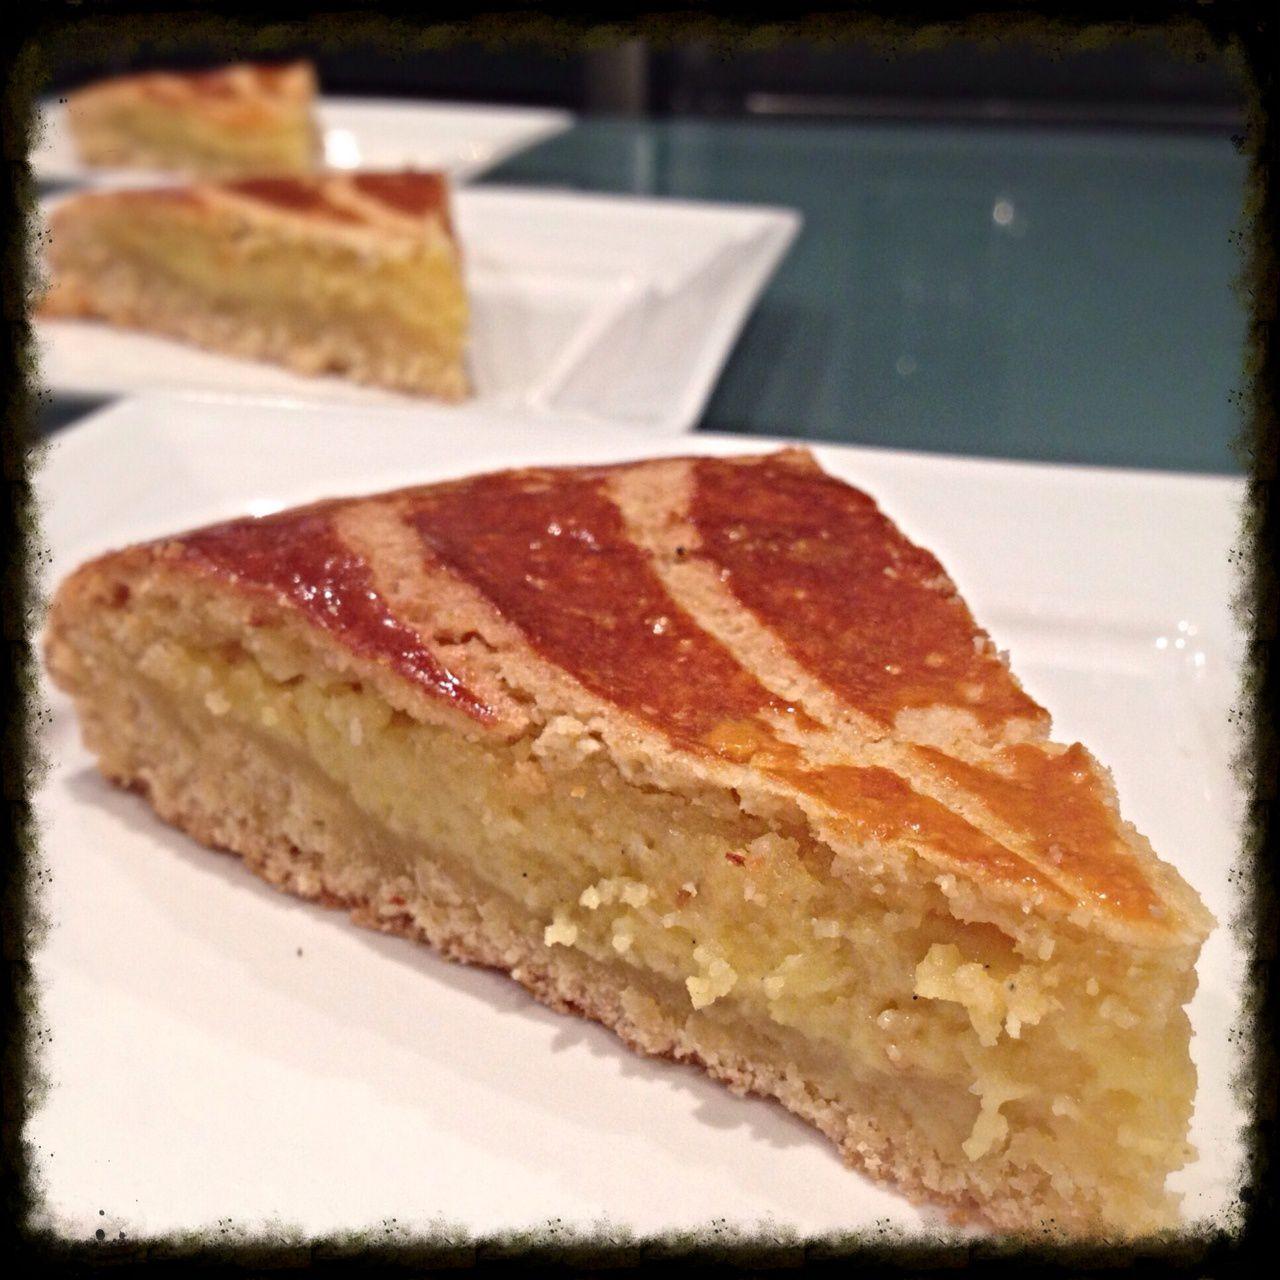 Mardi 7 janvier 2014 : Menu lendemains de fête - Petits feuilletés au fromage et pavot &#x3B; Saint-Jacques à la nage et salsa fraîcheur &#x3B; Fondue à la tomate &#x3B; Galetteau basque